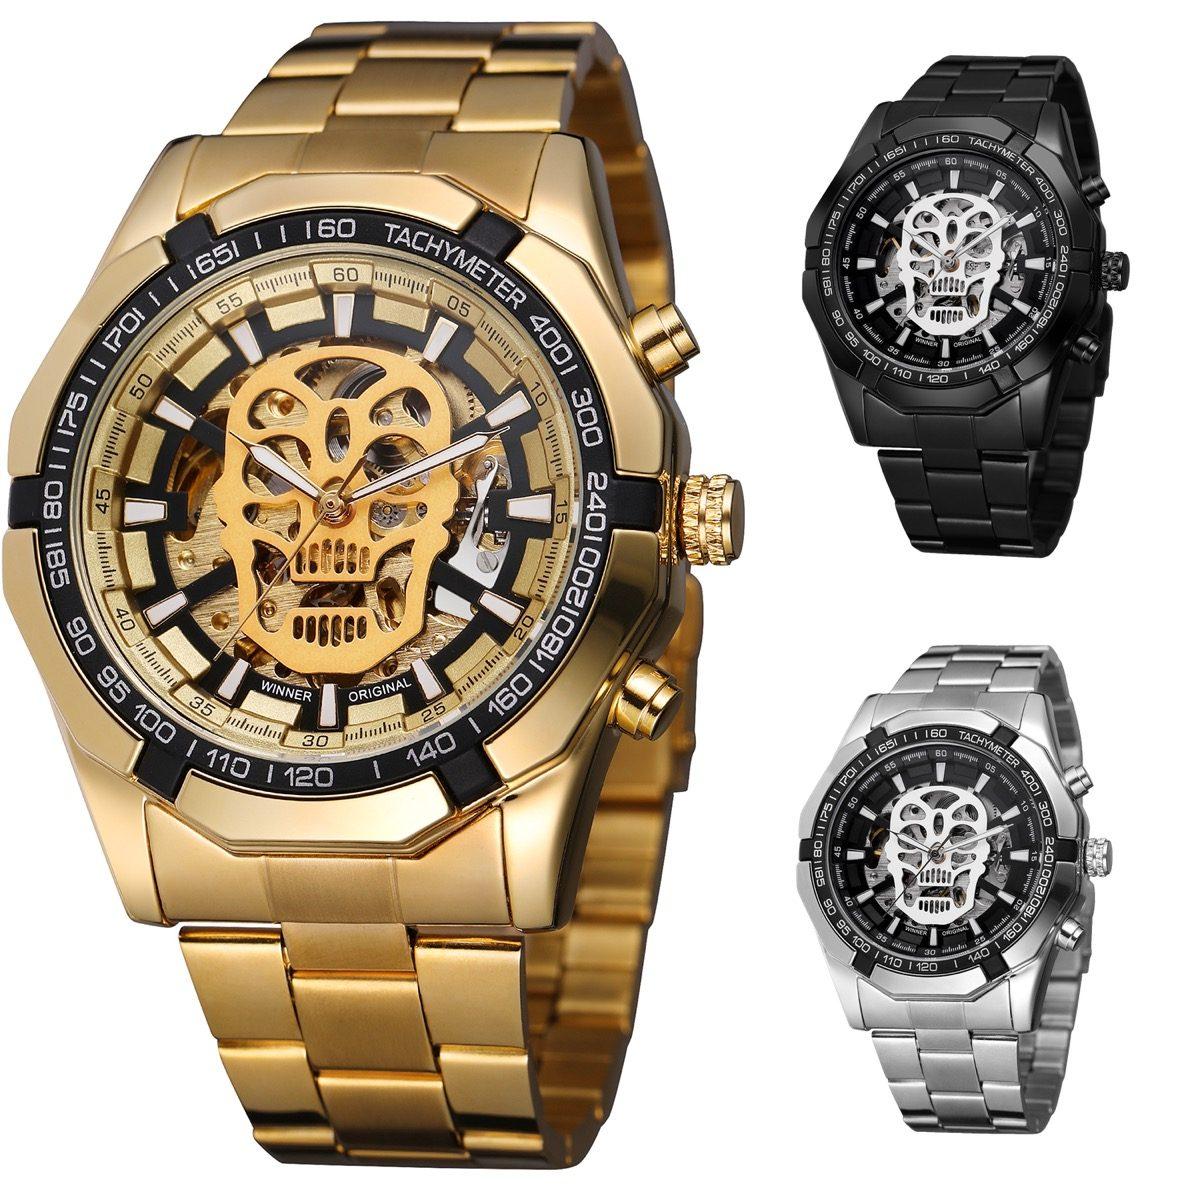 e76077100763 Reloj Winner Hombre Automático Skeleton Calavera Skull Zdt ...